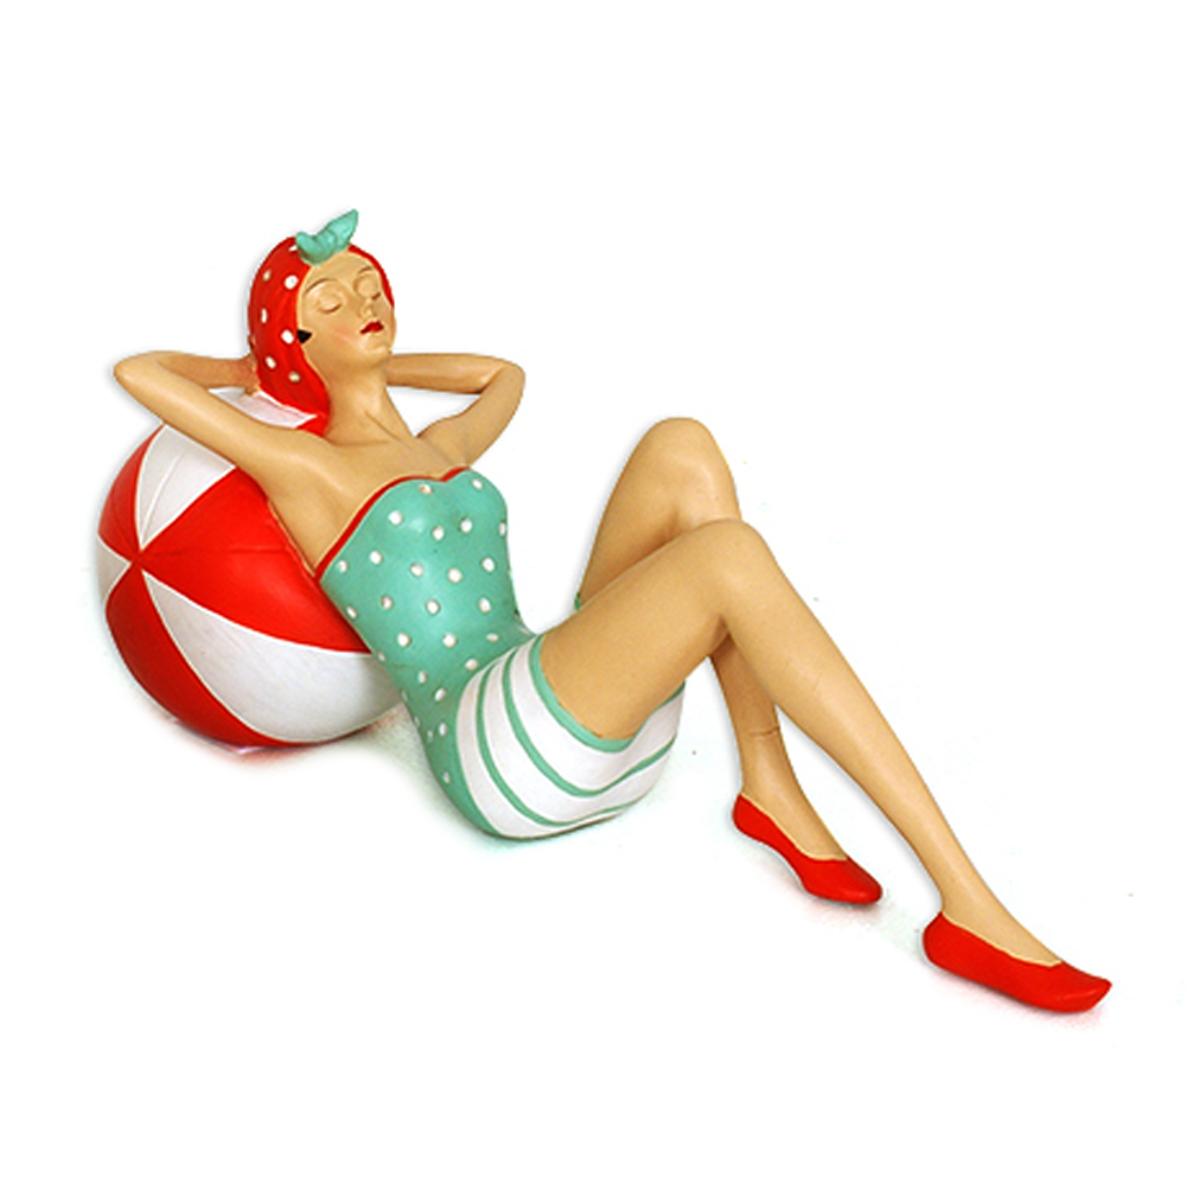 Figurine résine rétro \'Les Baigneuses\' vert rouge - 305x135x13 cm - [A1176]